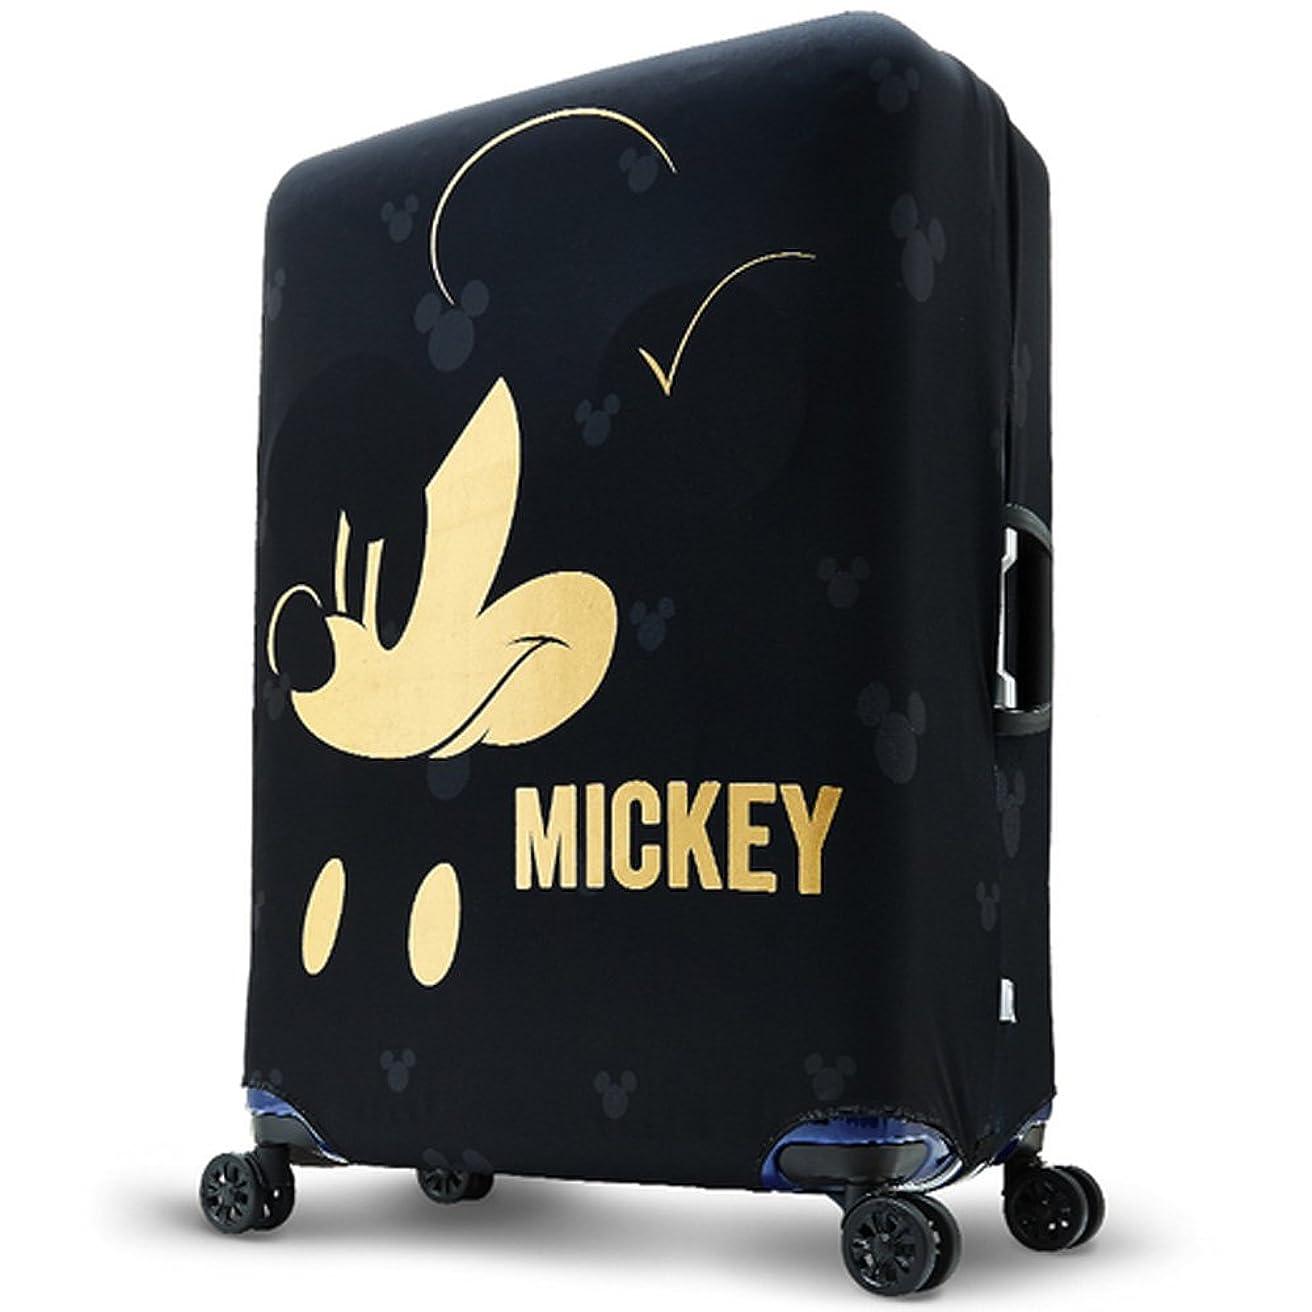 難民勝者指定するディズニー ミッキー スーツケースカバー キャリーバッグカバー ミッキーマウス 旅行用品 キャラクター 黒